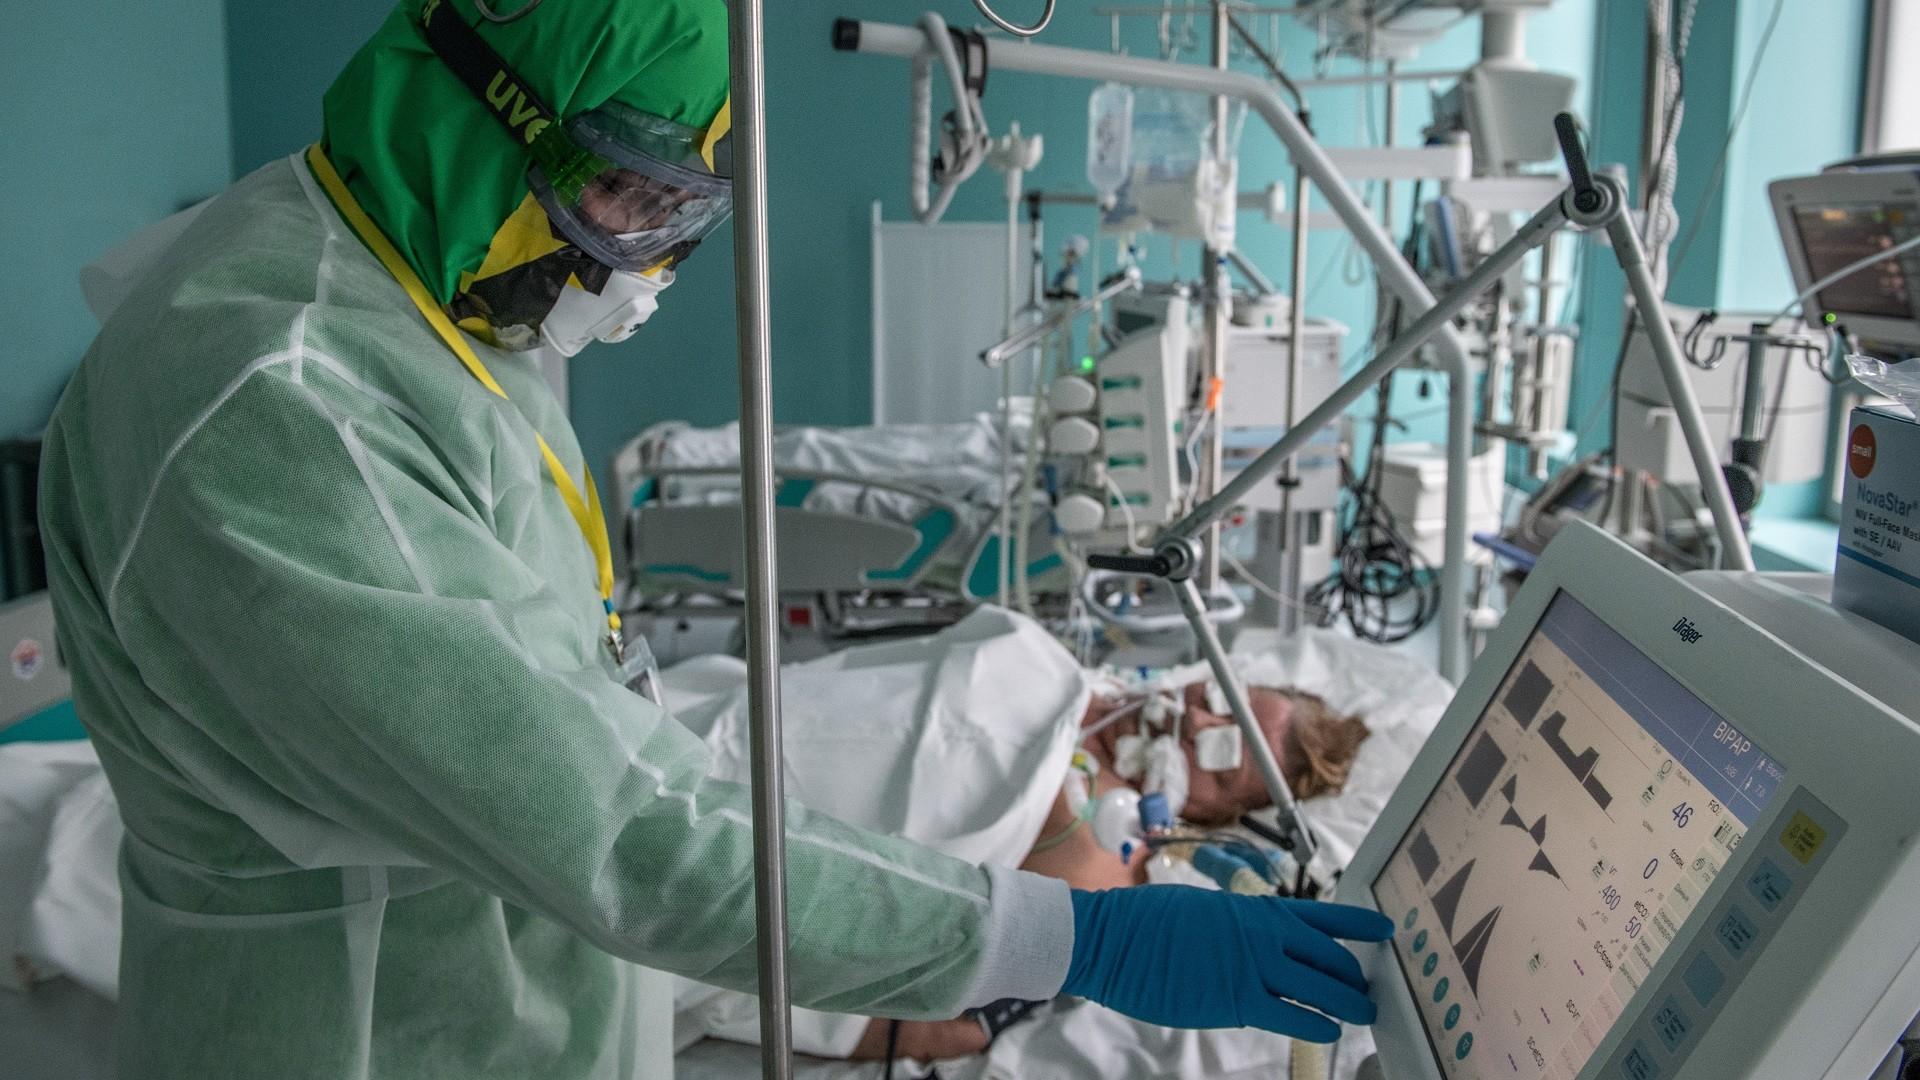 Au Centre médical de recherche endocrinologique de Moscou